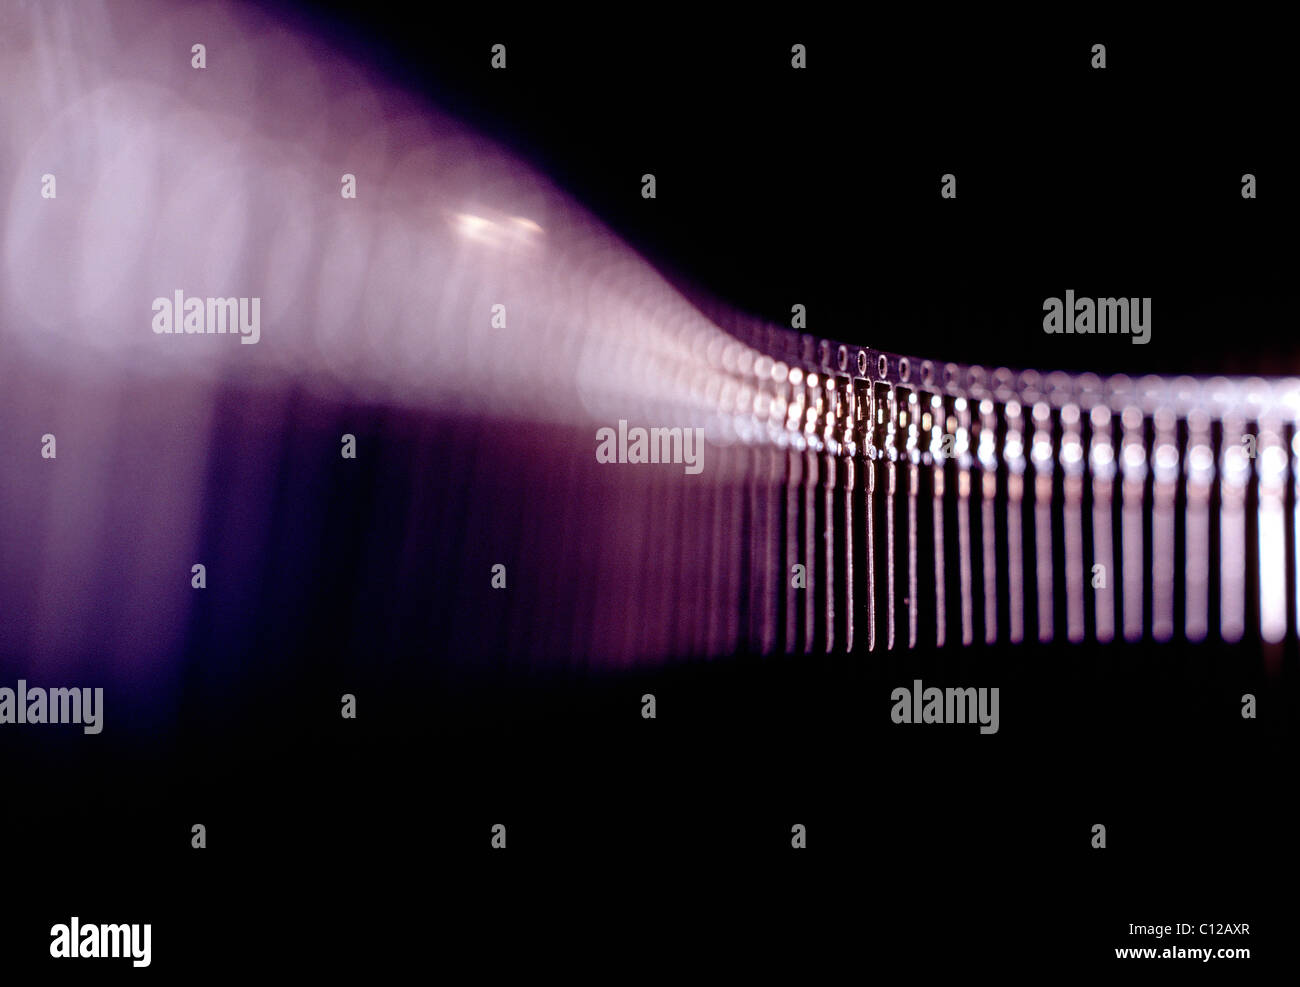 Zeichenfolge der Mikro-Pins verwendet, um Verbindungen auf Computerplatinen Stockbild